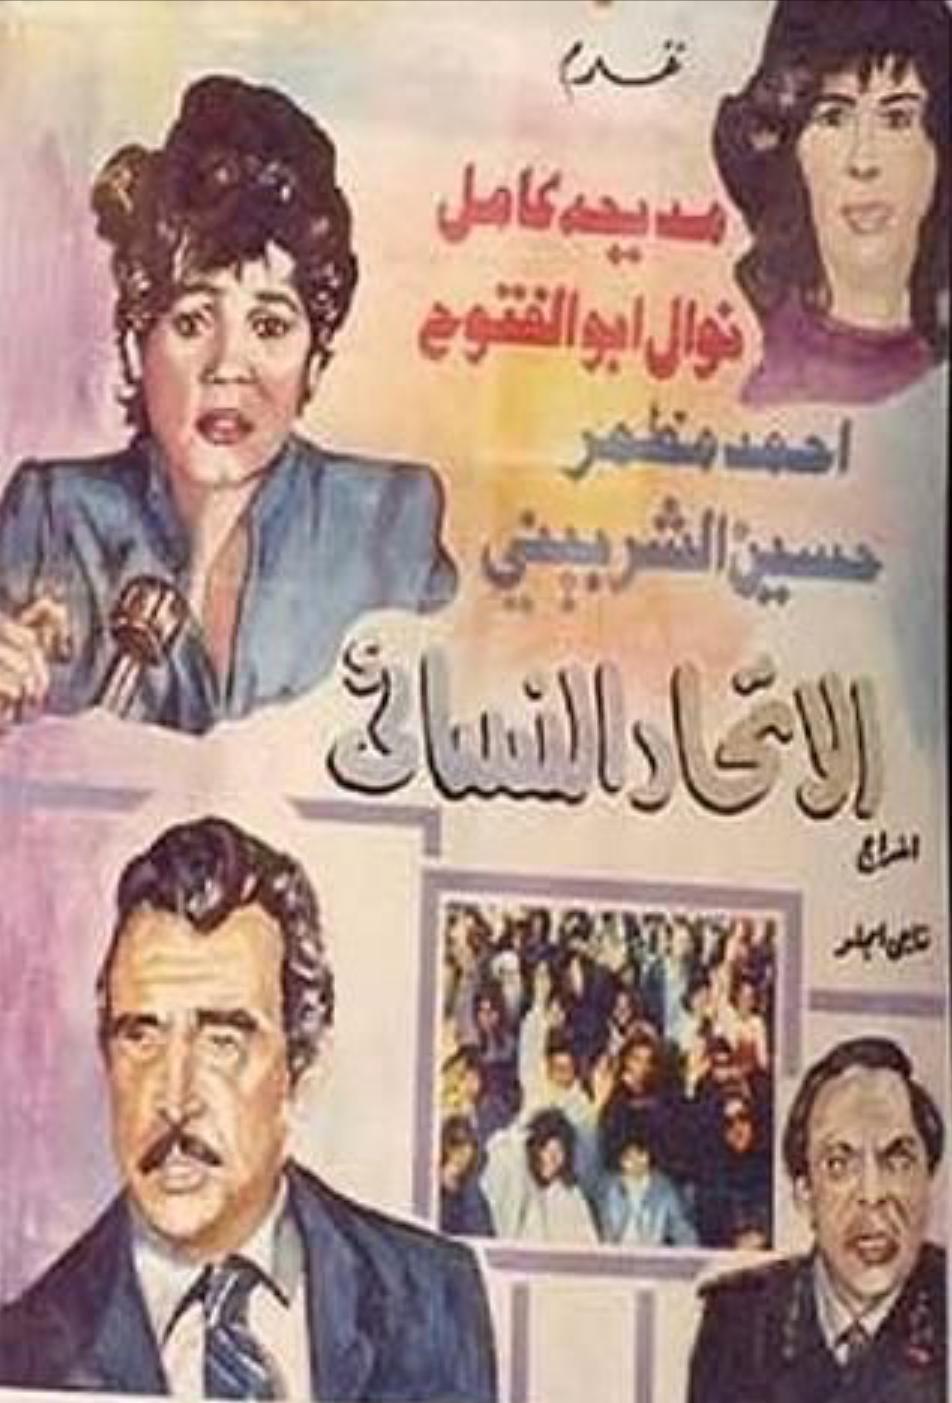 Al Etehad Al Nessai ((1984))